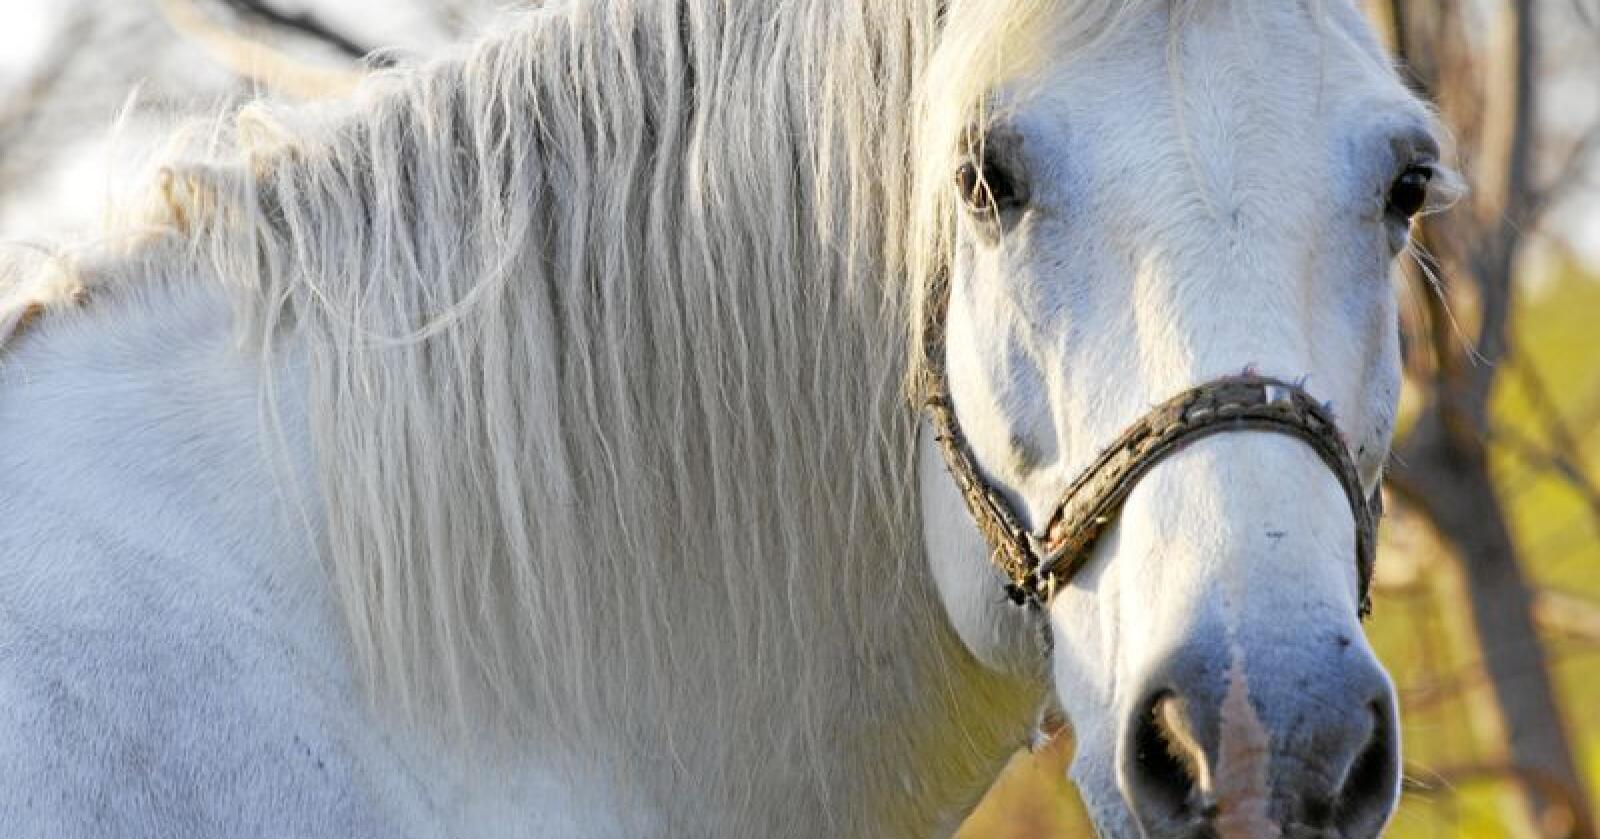 Fem måneder etter hesteklinikken ved NMBU Veterinærhøgskolen åpnet igjen etter salmonella-utbrudd, har den på ny oppdaget salmonella på klinikken. Illustrasjonsfoto: Colourbox